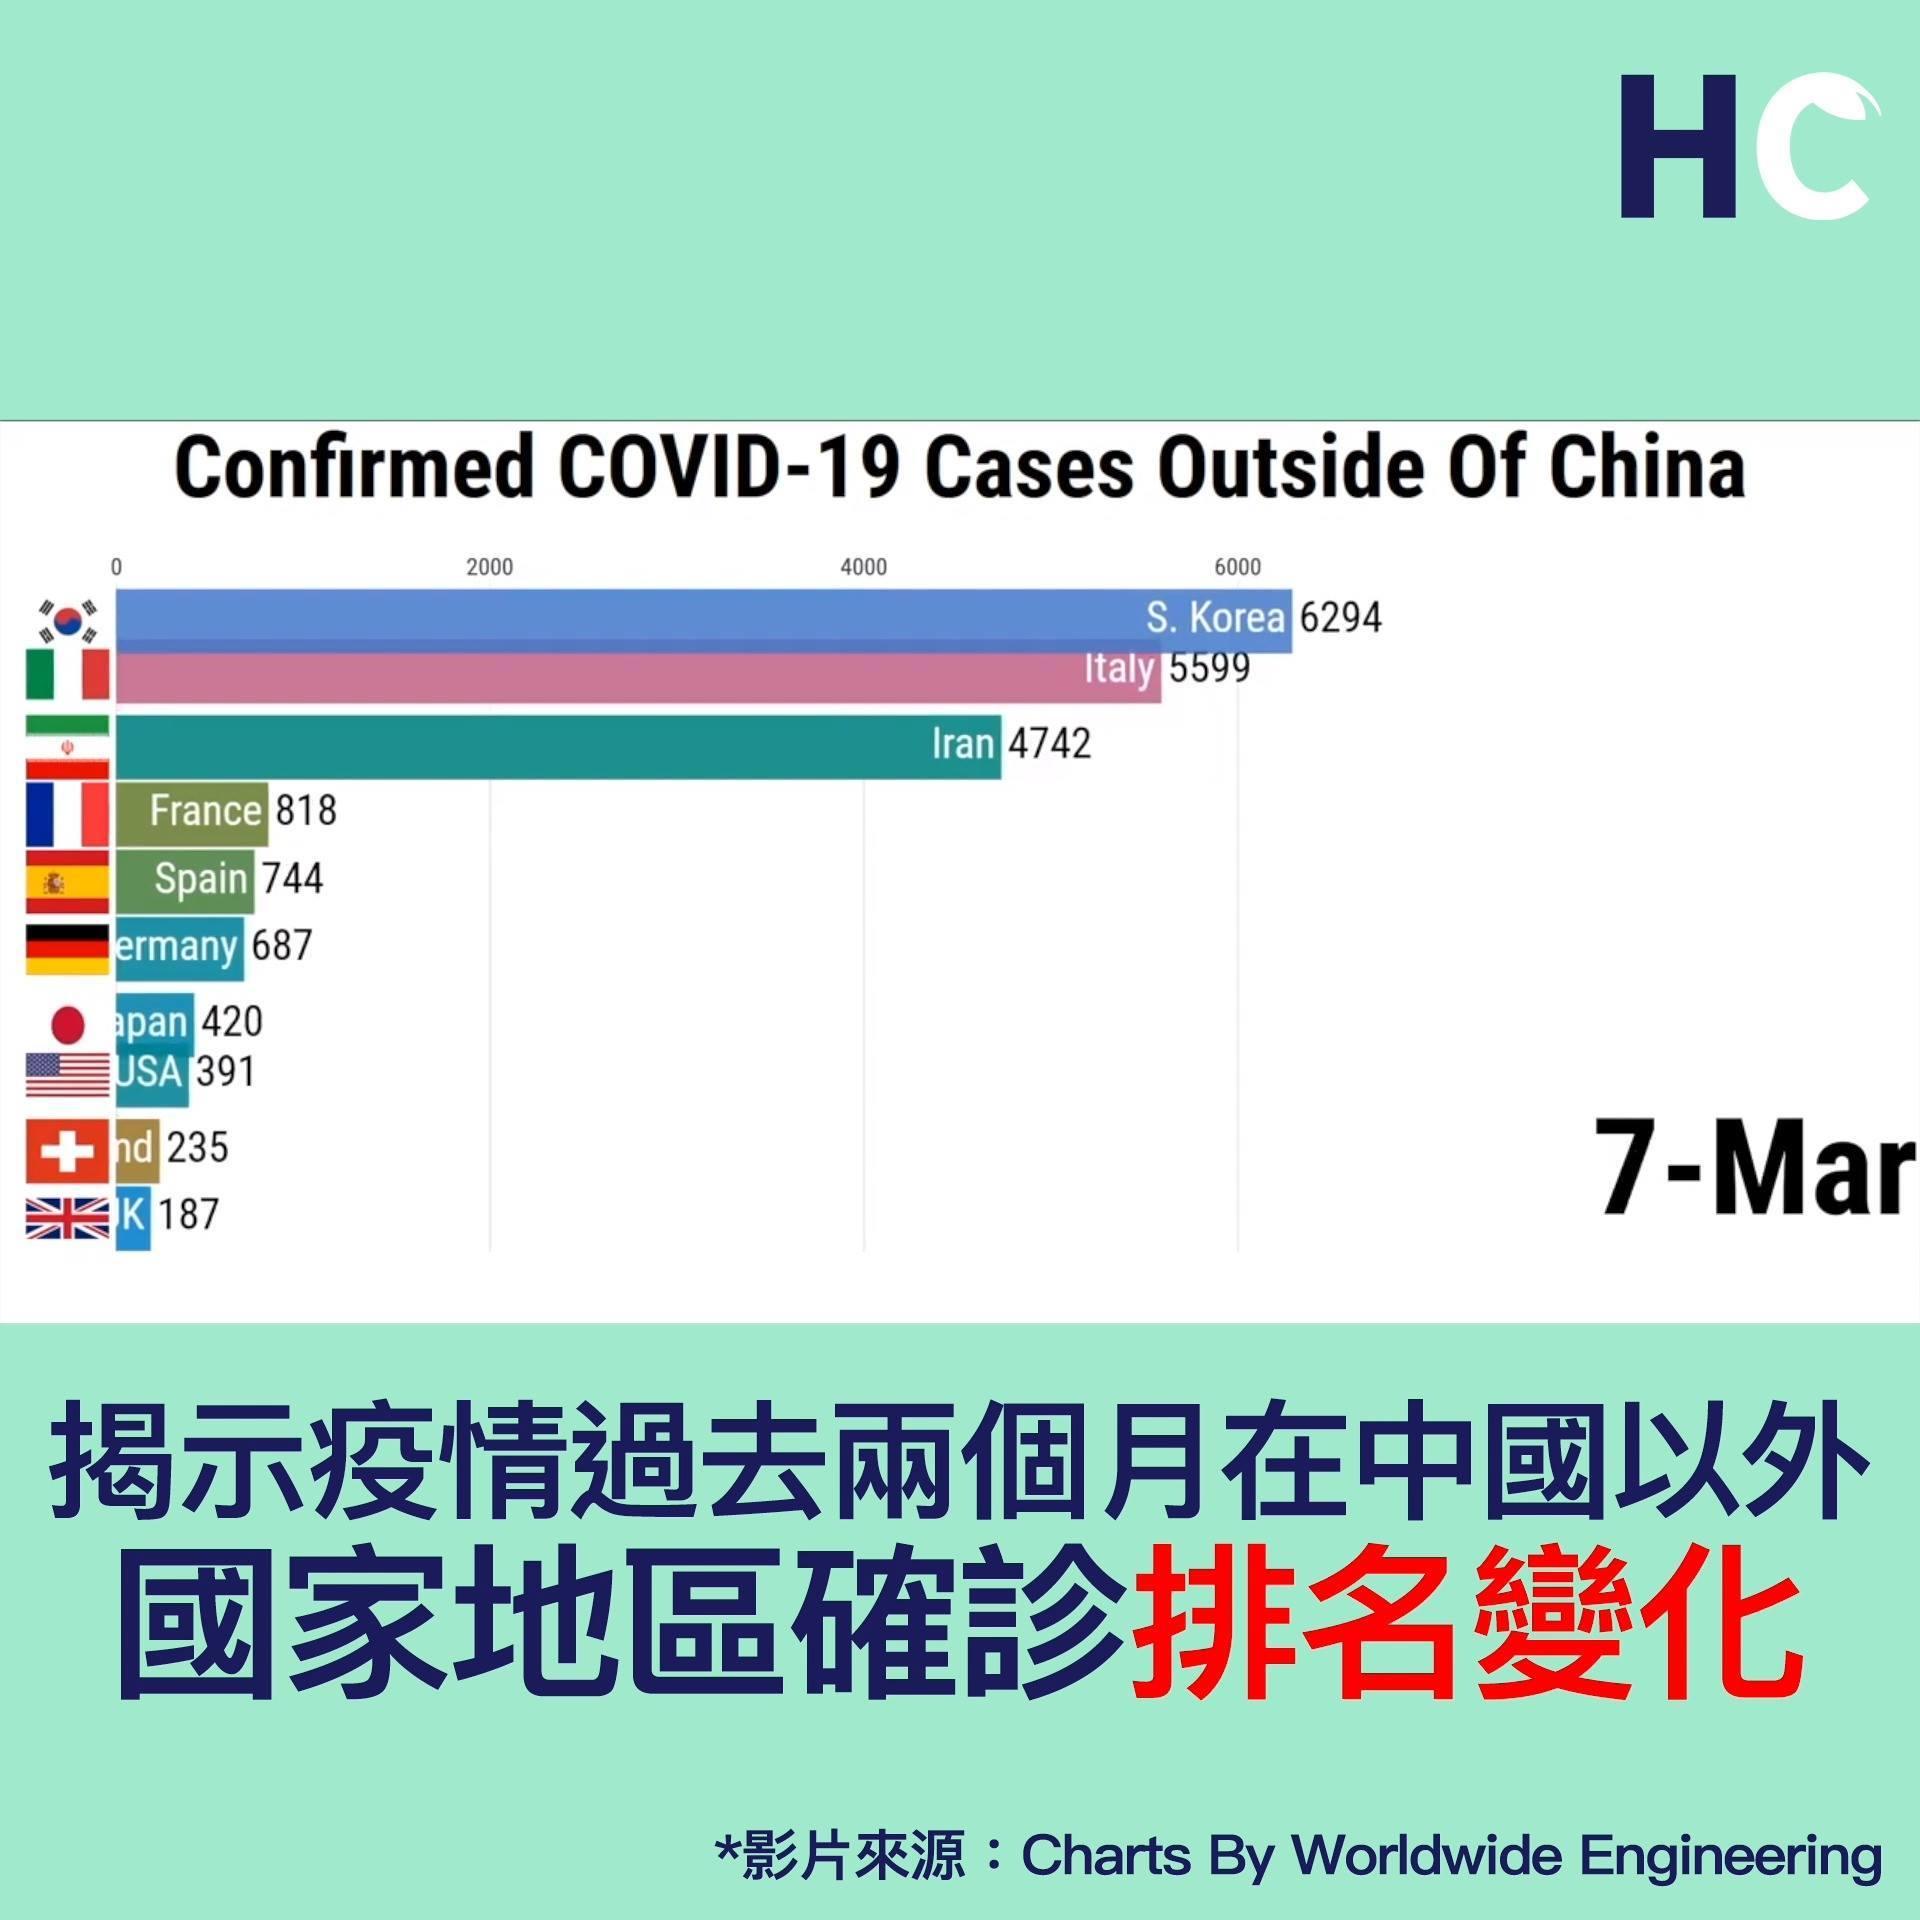 【#武漢肺炎】揭示疫情過去兩個月在中國以外 國家地區確診排名變化